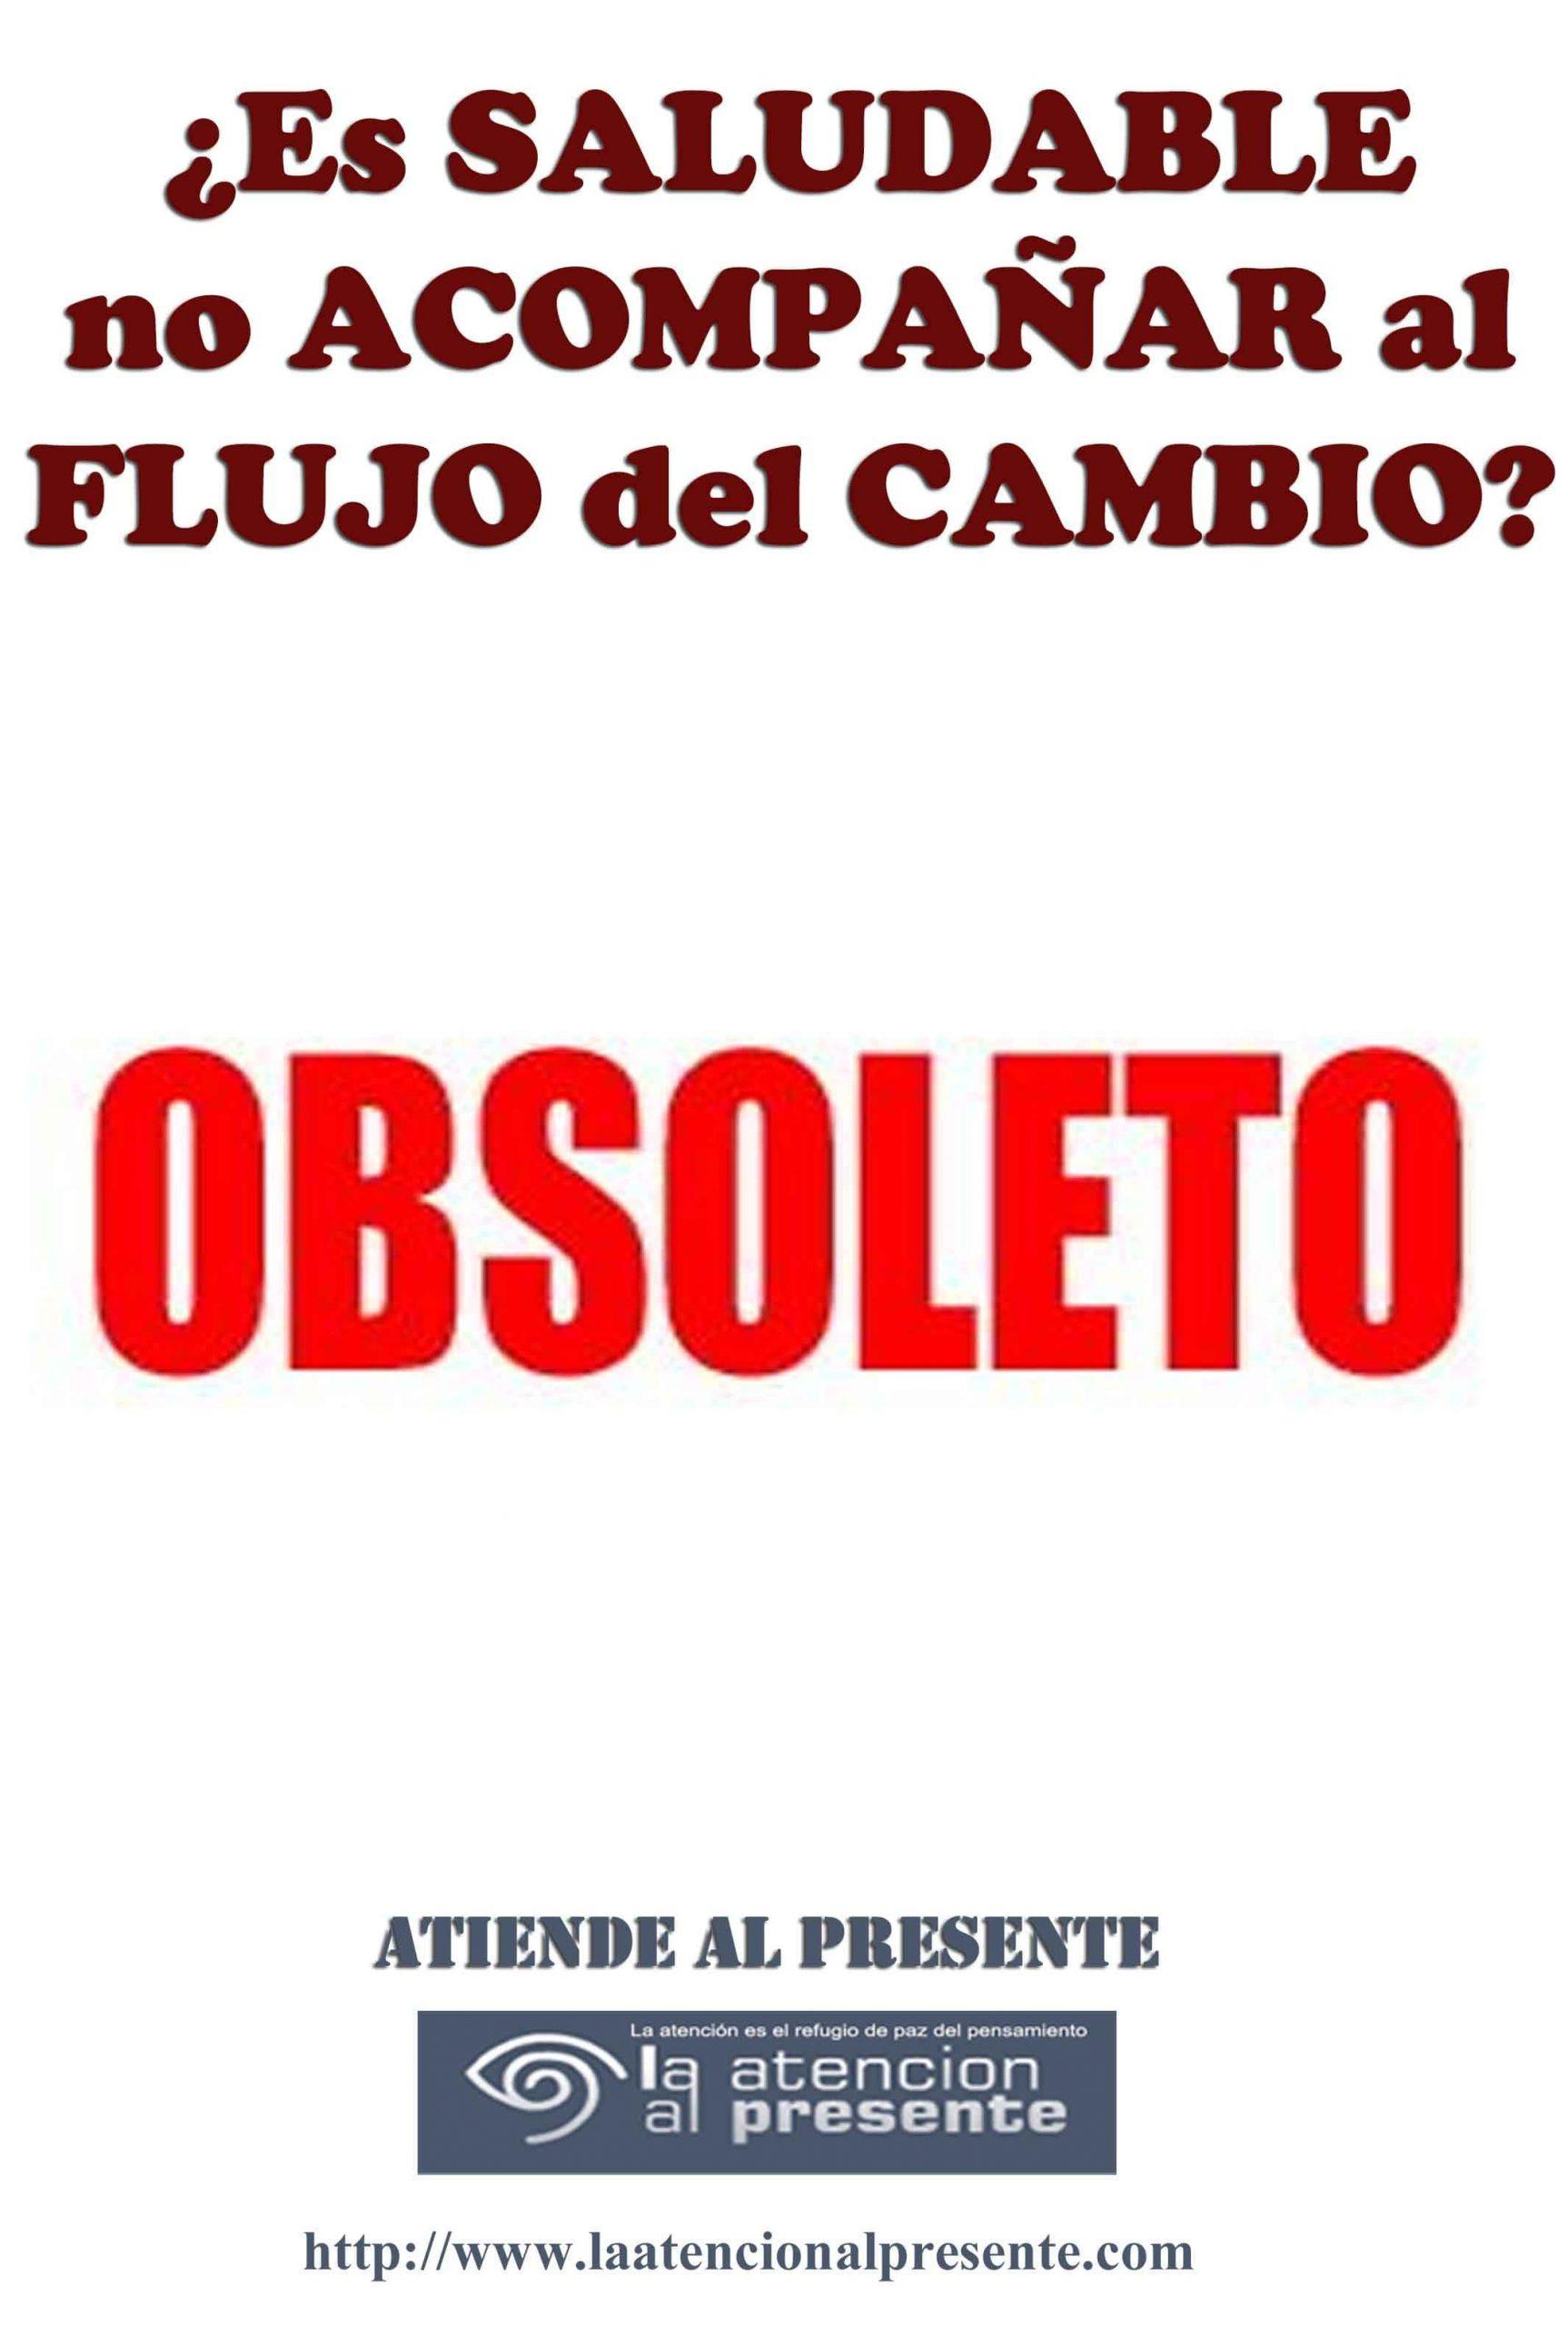 17 de junio Esteban Es SALUDABLE no ACOMPAÑAR al FUJJO del CAMBIO min scaled